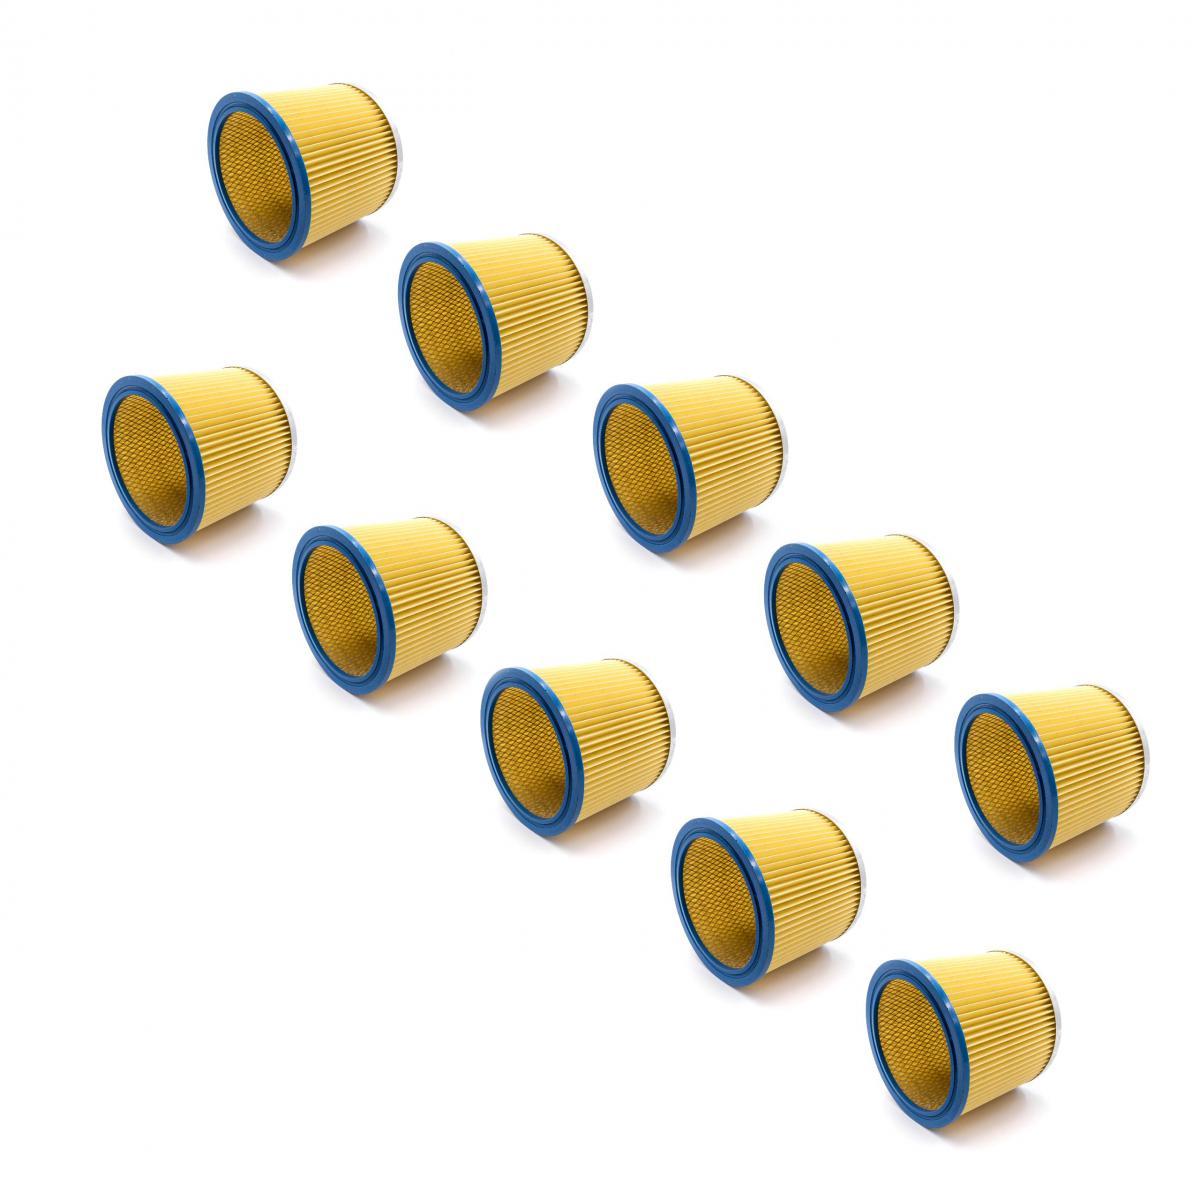 Vhbw vhbw® 10x Filtre rond / filtre en lamelles pour aspirateur, robot, aspirateur multifonctions Kärcher NT 221, NT221